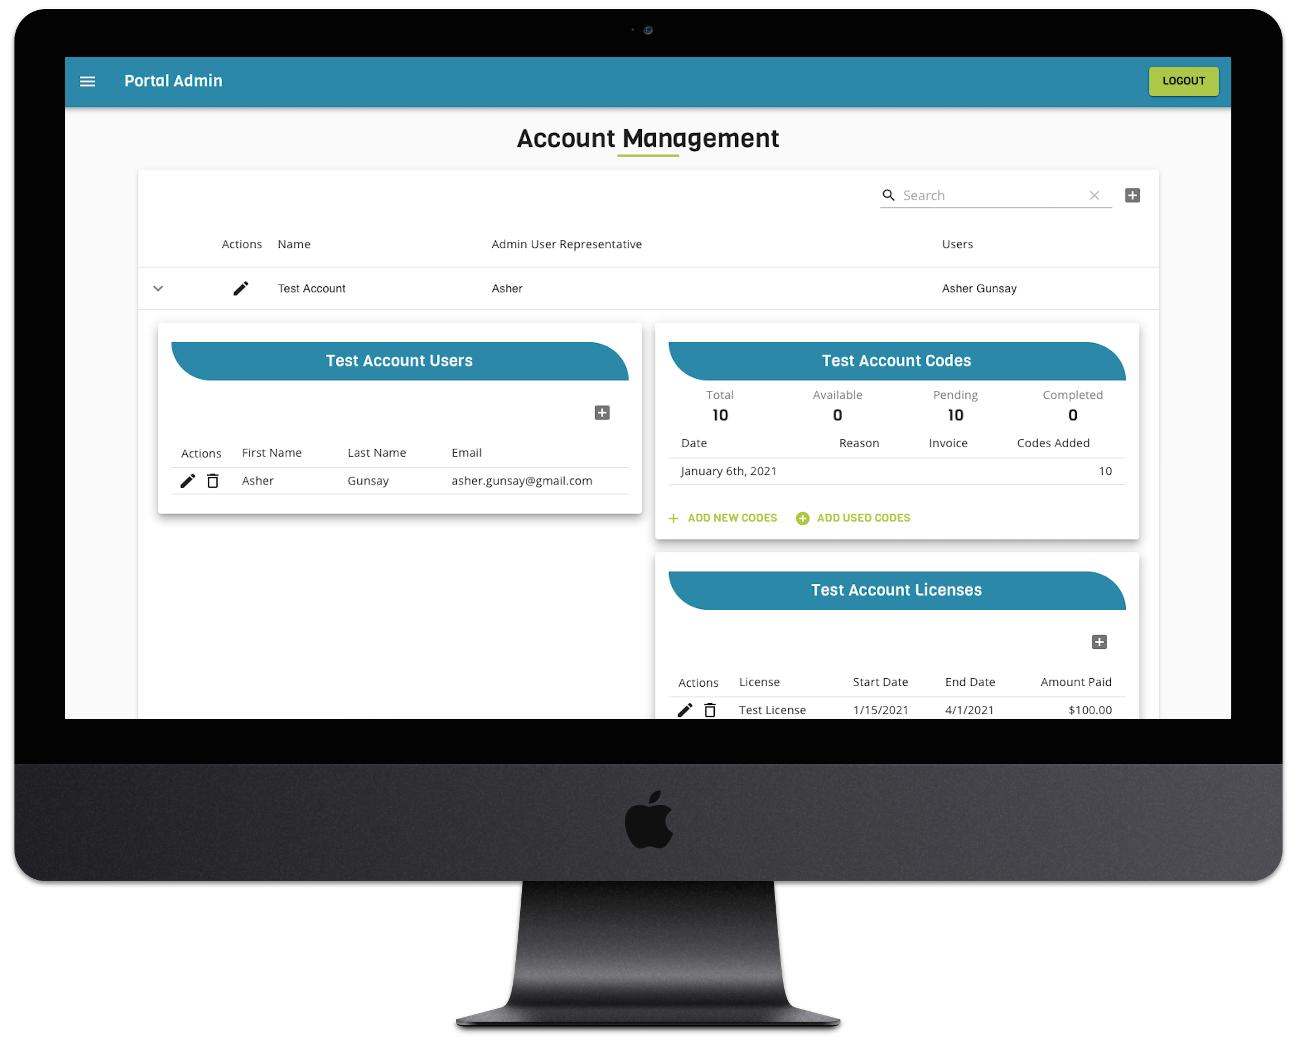 portal admin screenshot